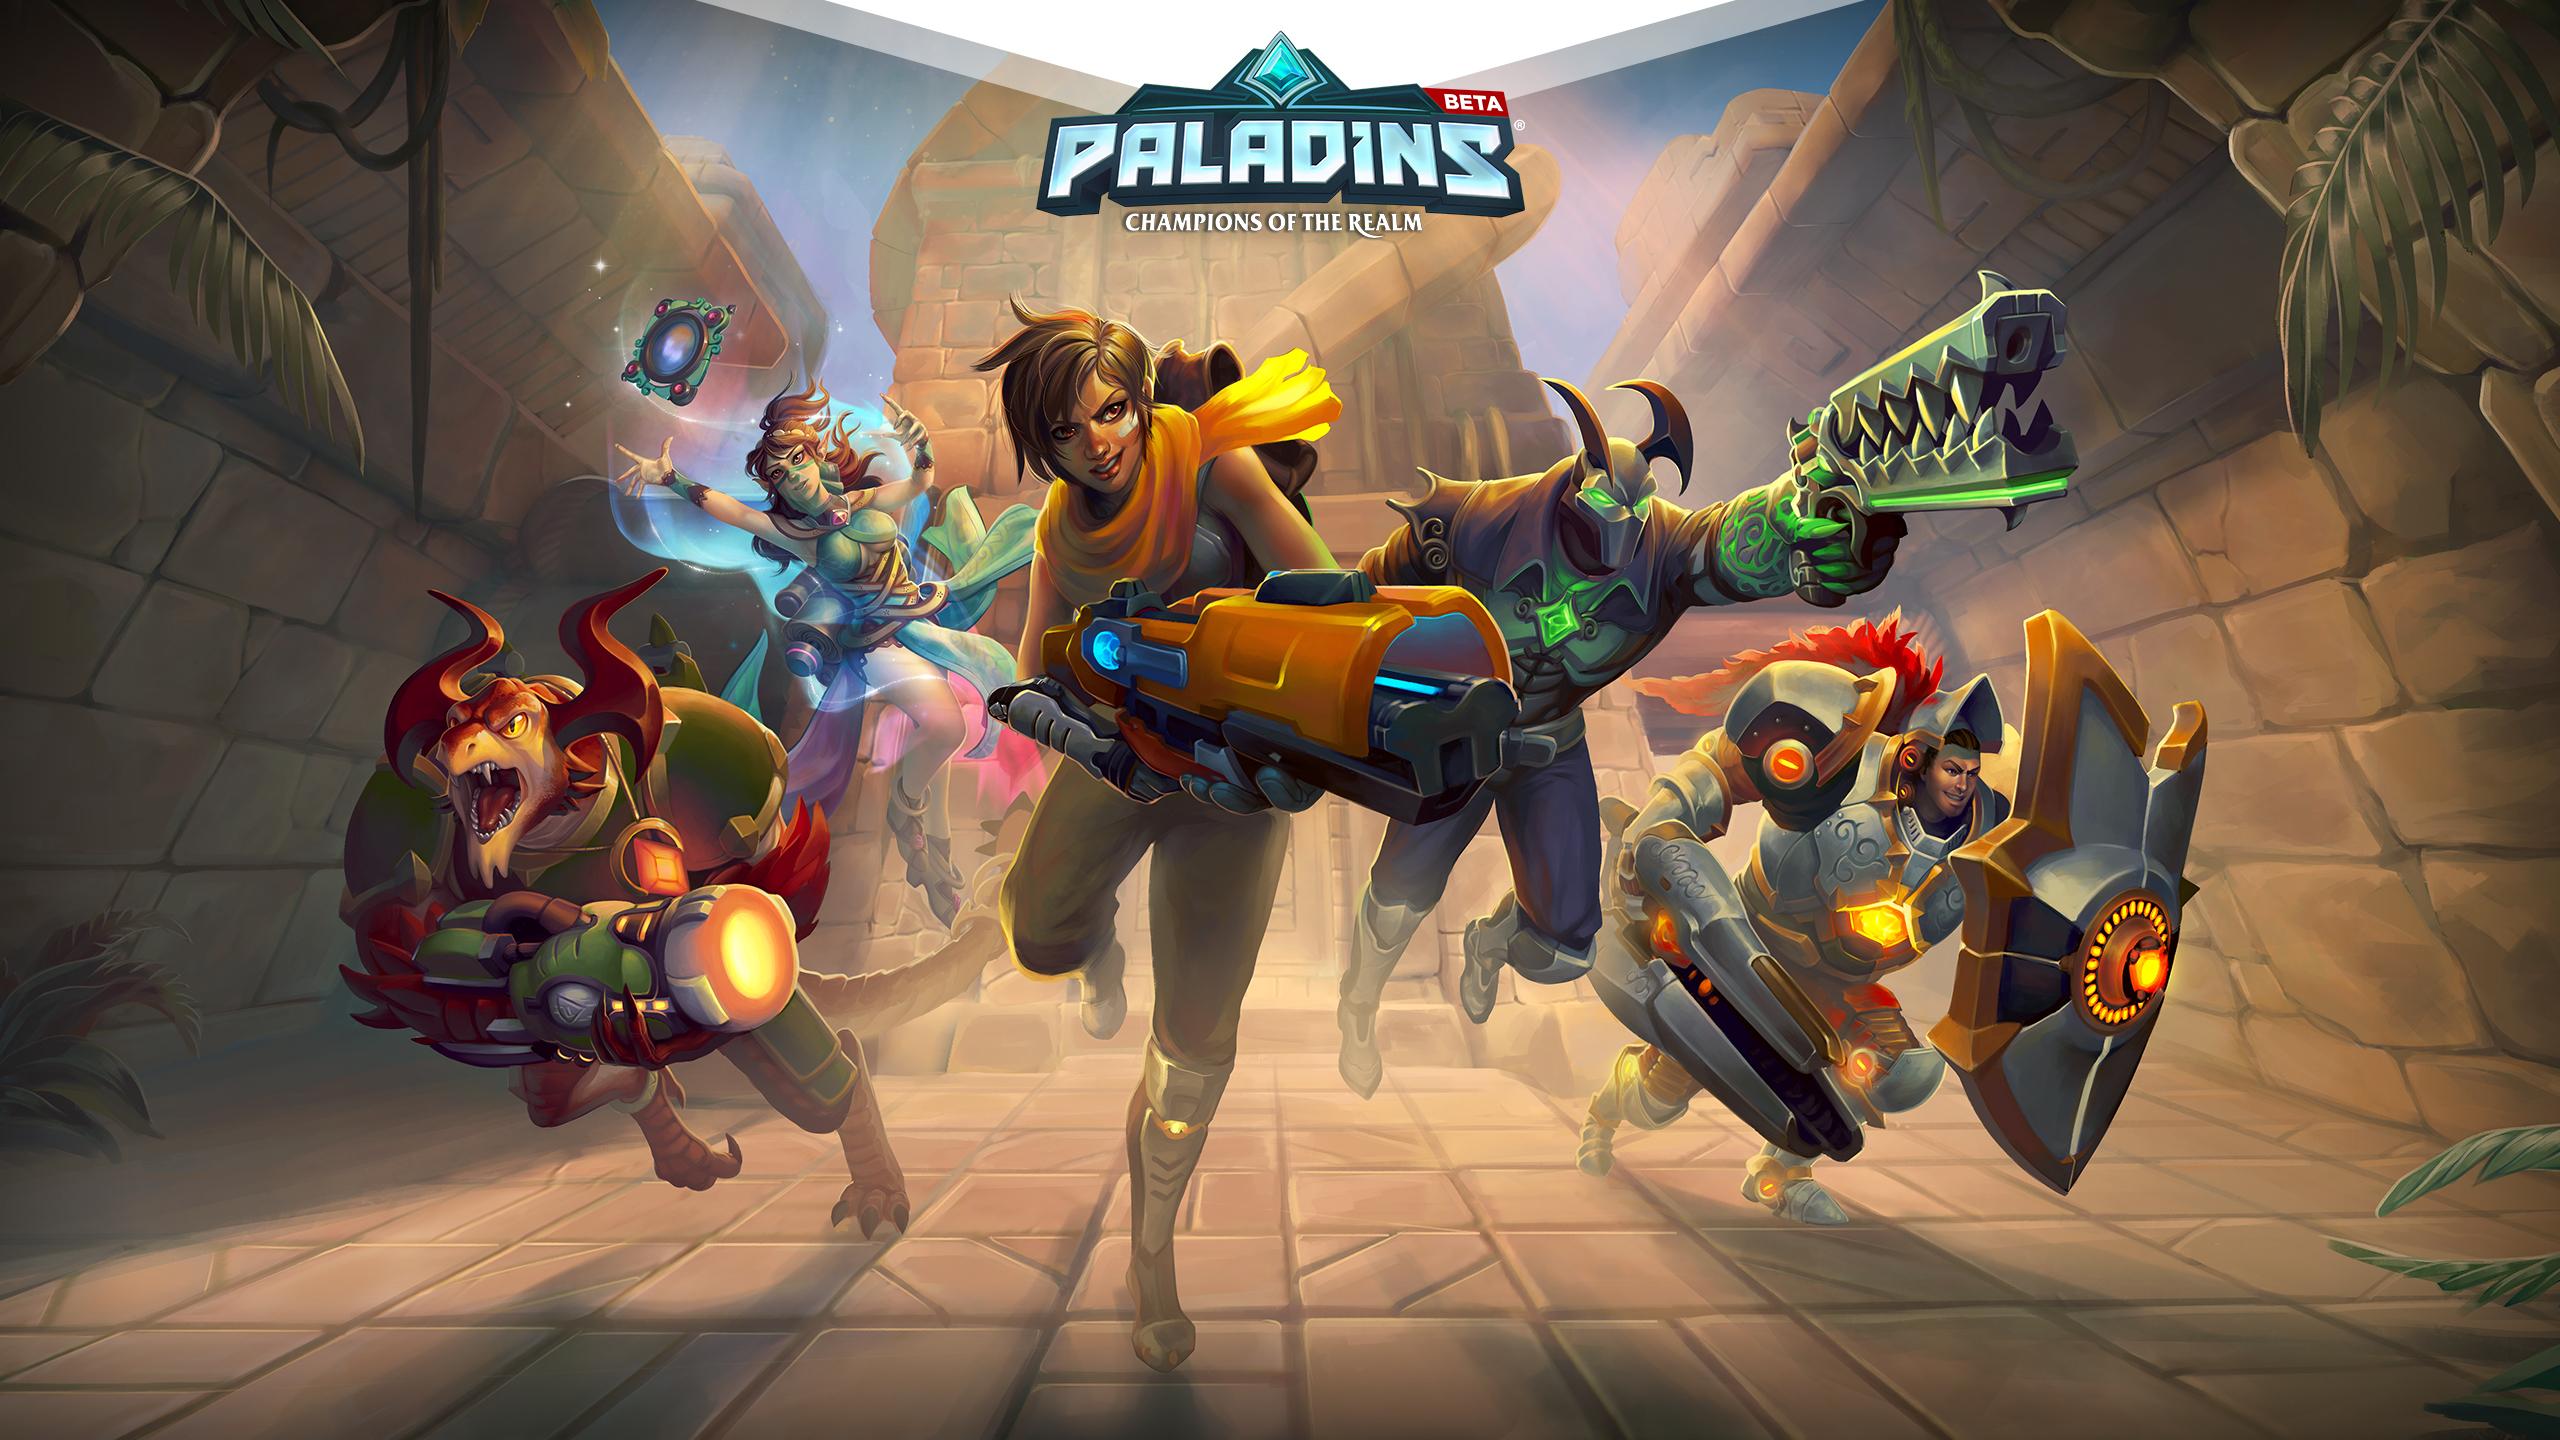 شرح قسمت های مختلف بازی پالادینز و آینده بازی